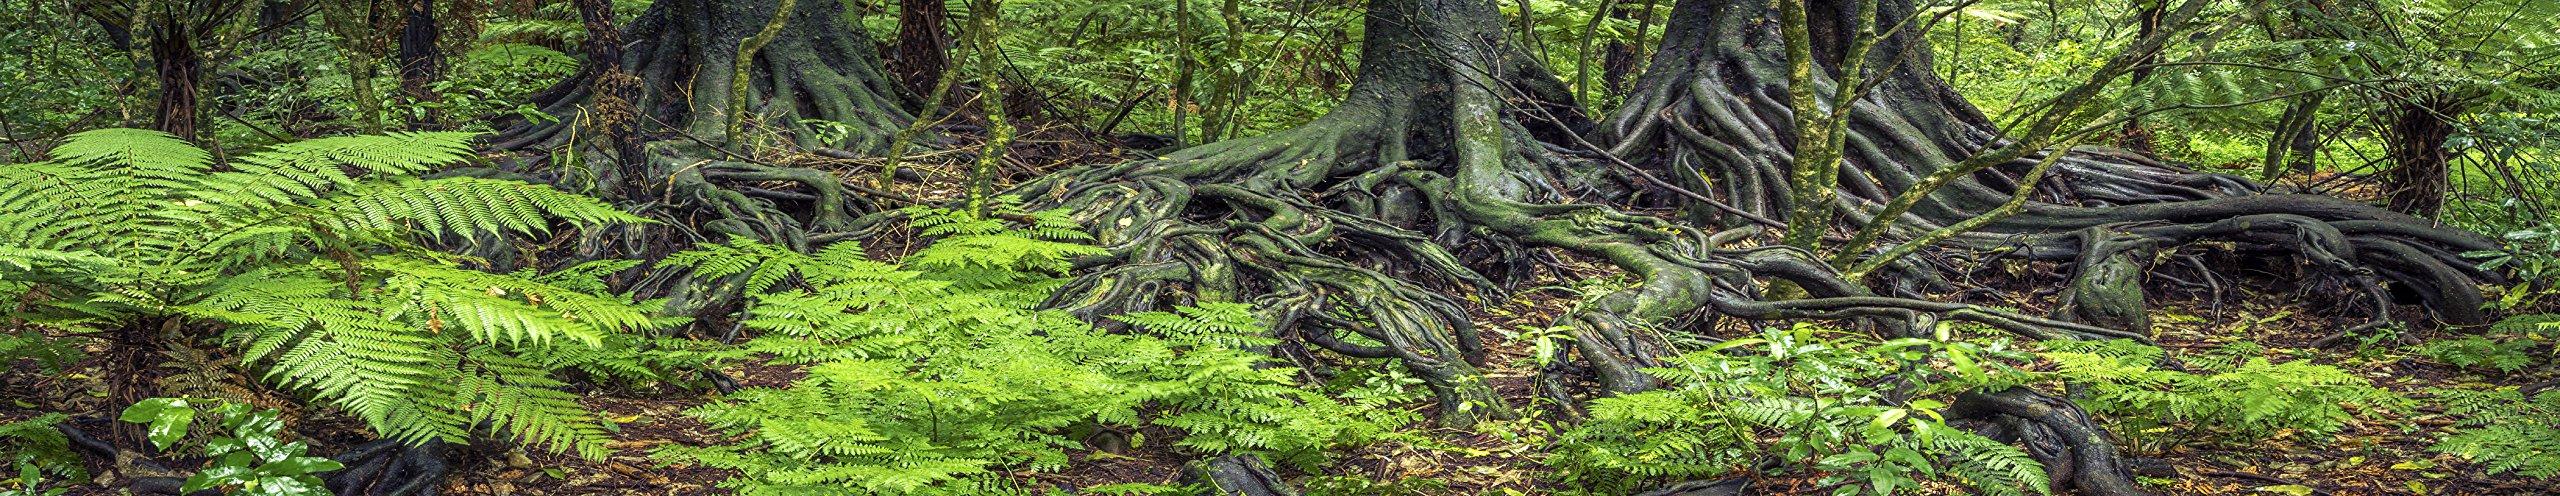 Carolina Custom Cages Reptile Habitat Background; Rain Forest Ferns & Roots, for 48Lx18Wx18H Terrarium, 3-Sided Wraparound by Carolina Custom Cages